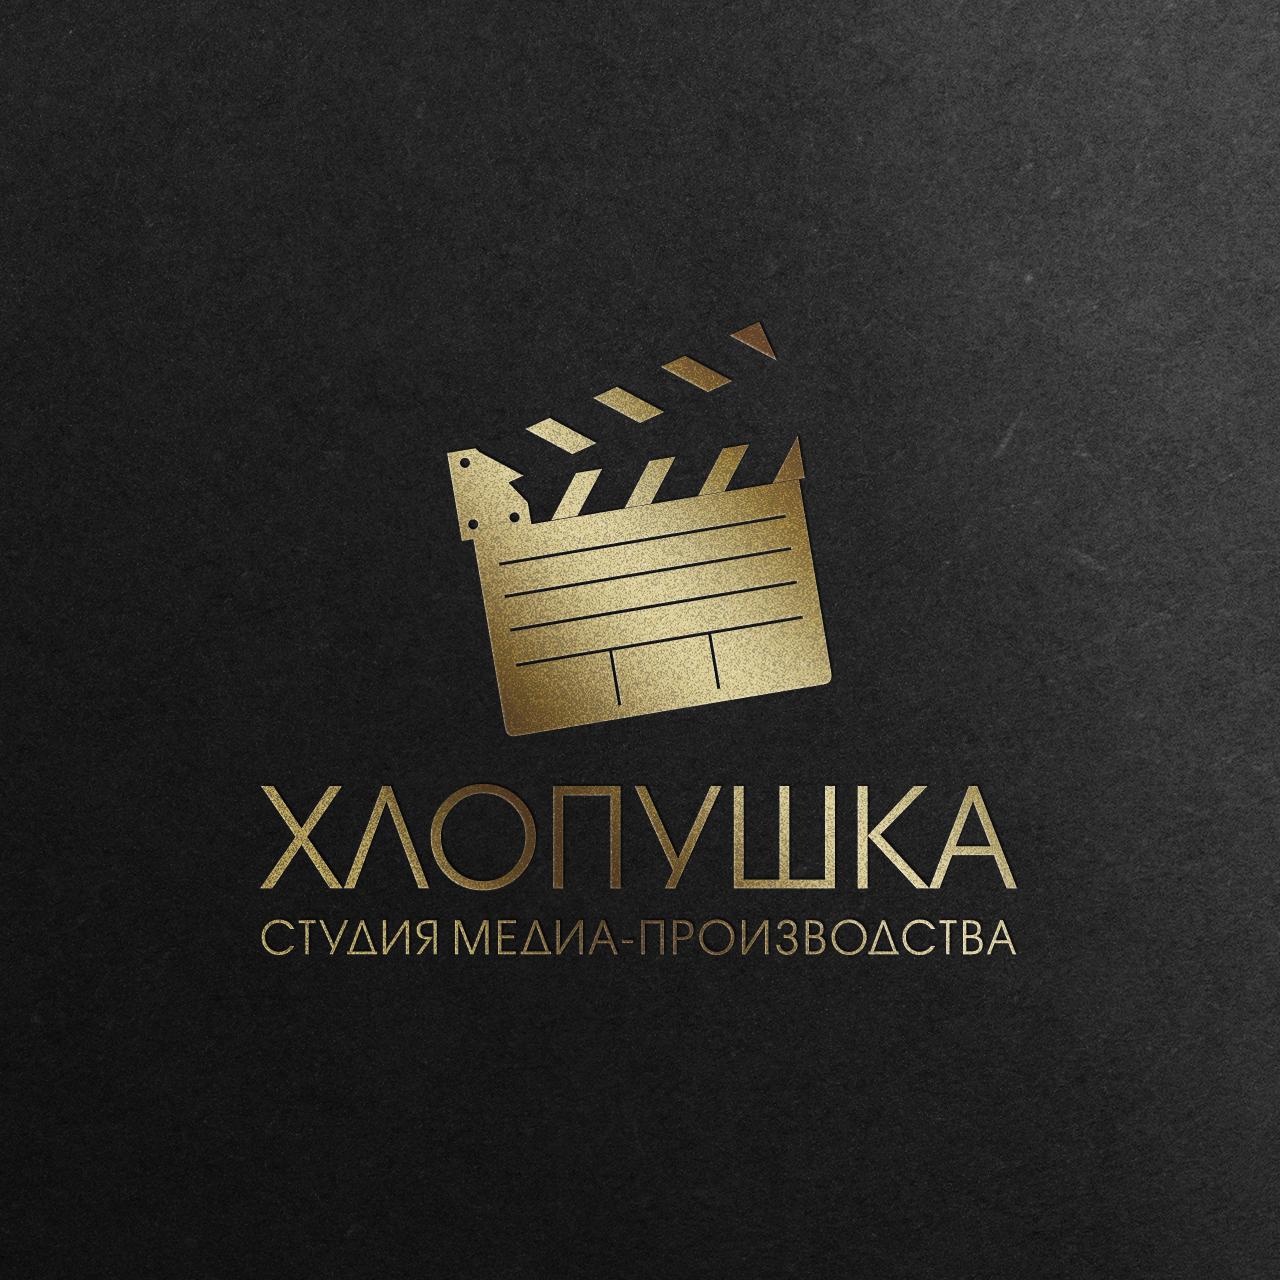 hlopushka-logo-mockup-gold